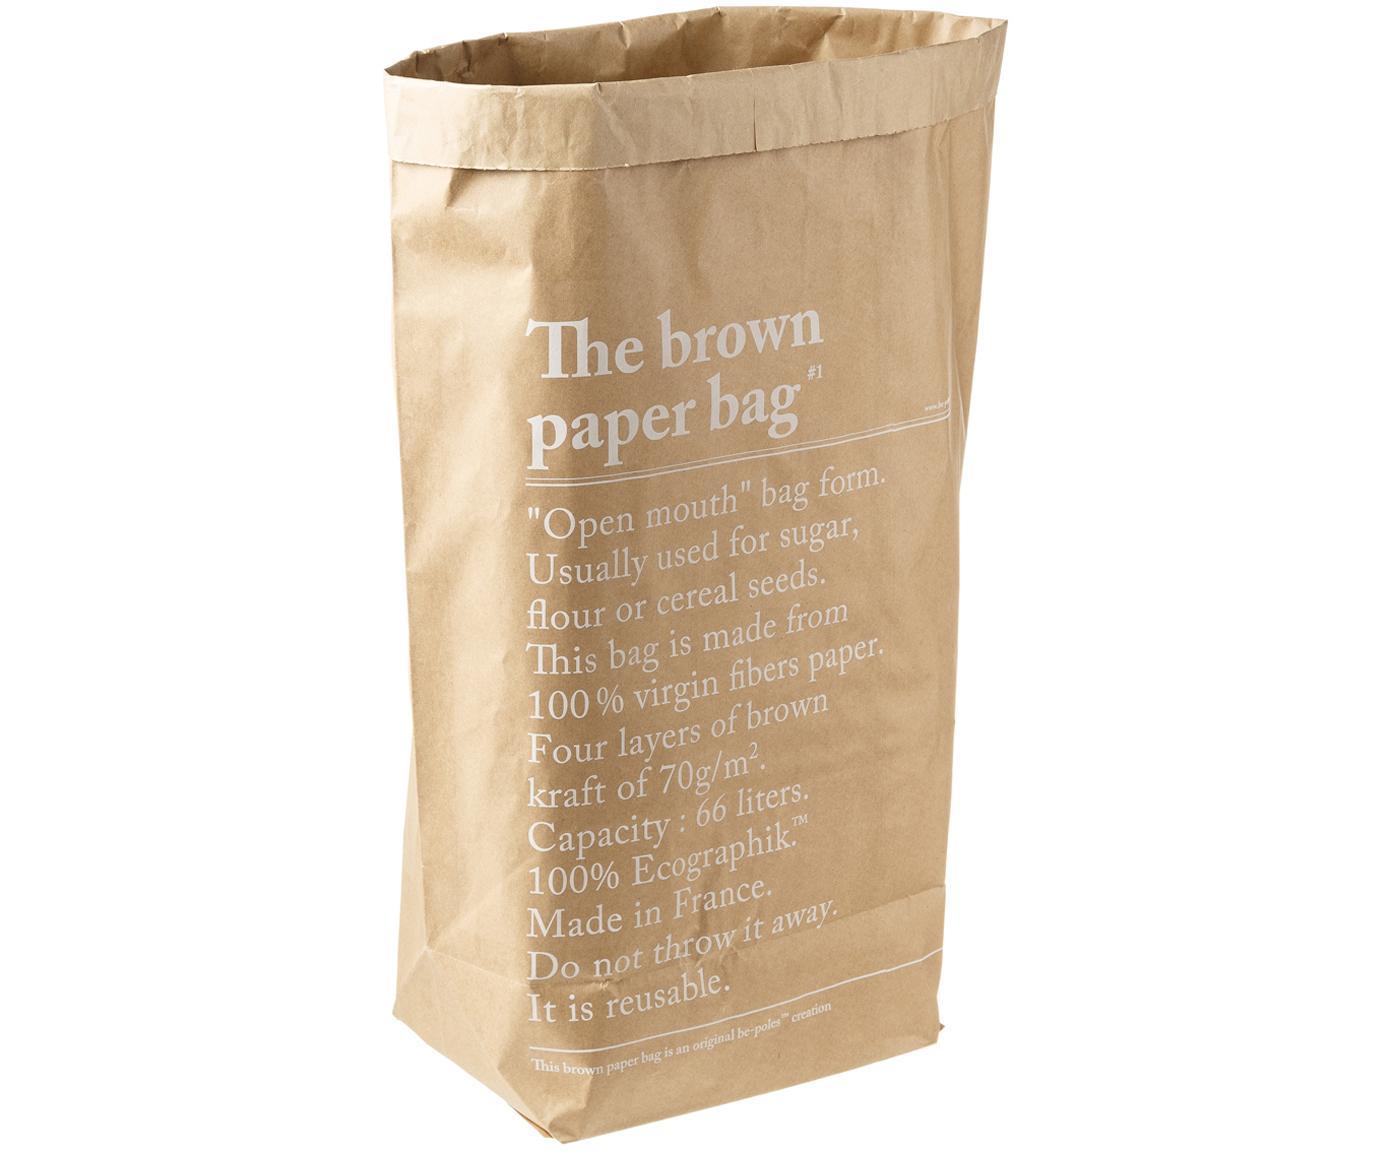 Torba do przechowywania Le sac en kraft brun, 2 szt., Włókno papierowe, Brązowy, S 50 x W 69 cm